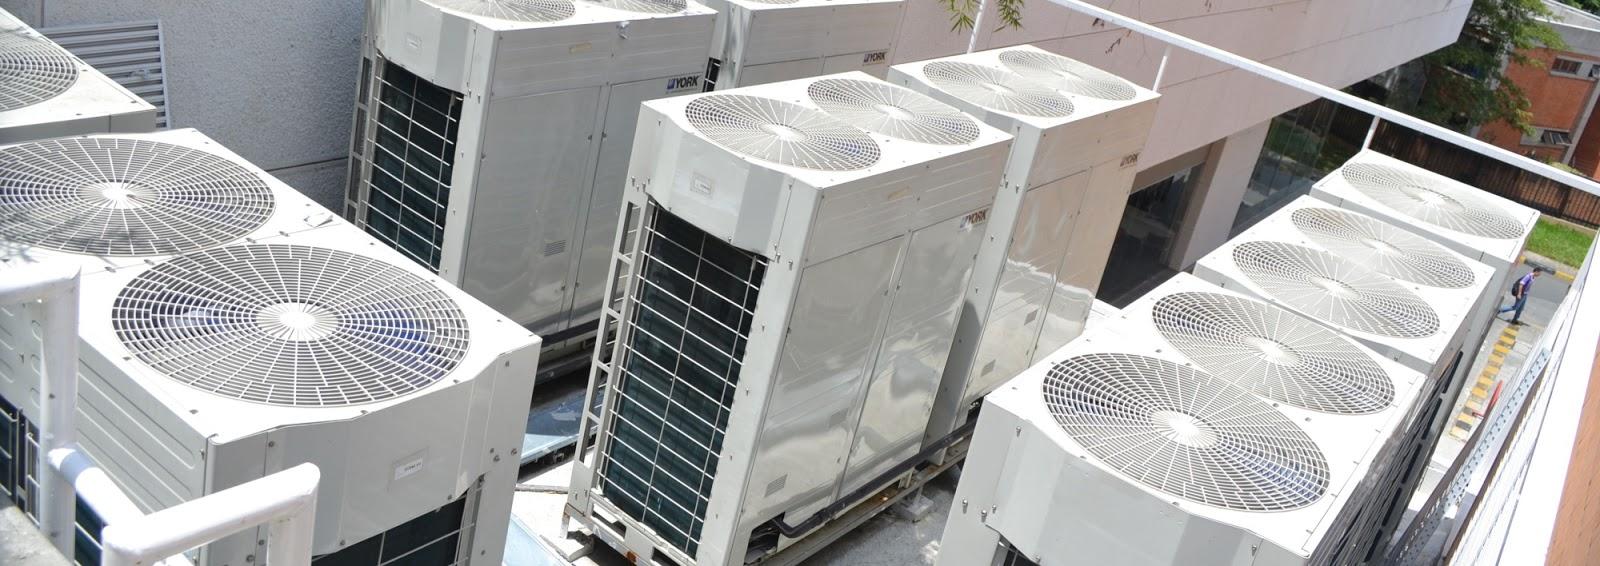 La calefacci n climatizaci n y agua caliente por - Sistema de calefaccion economico ...